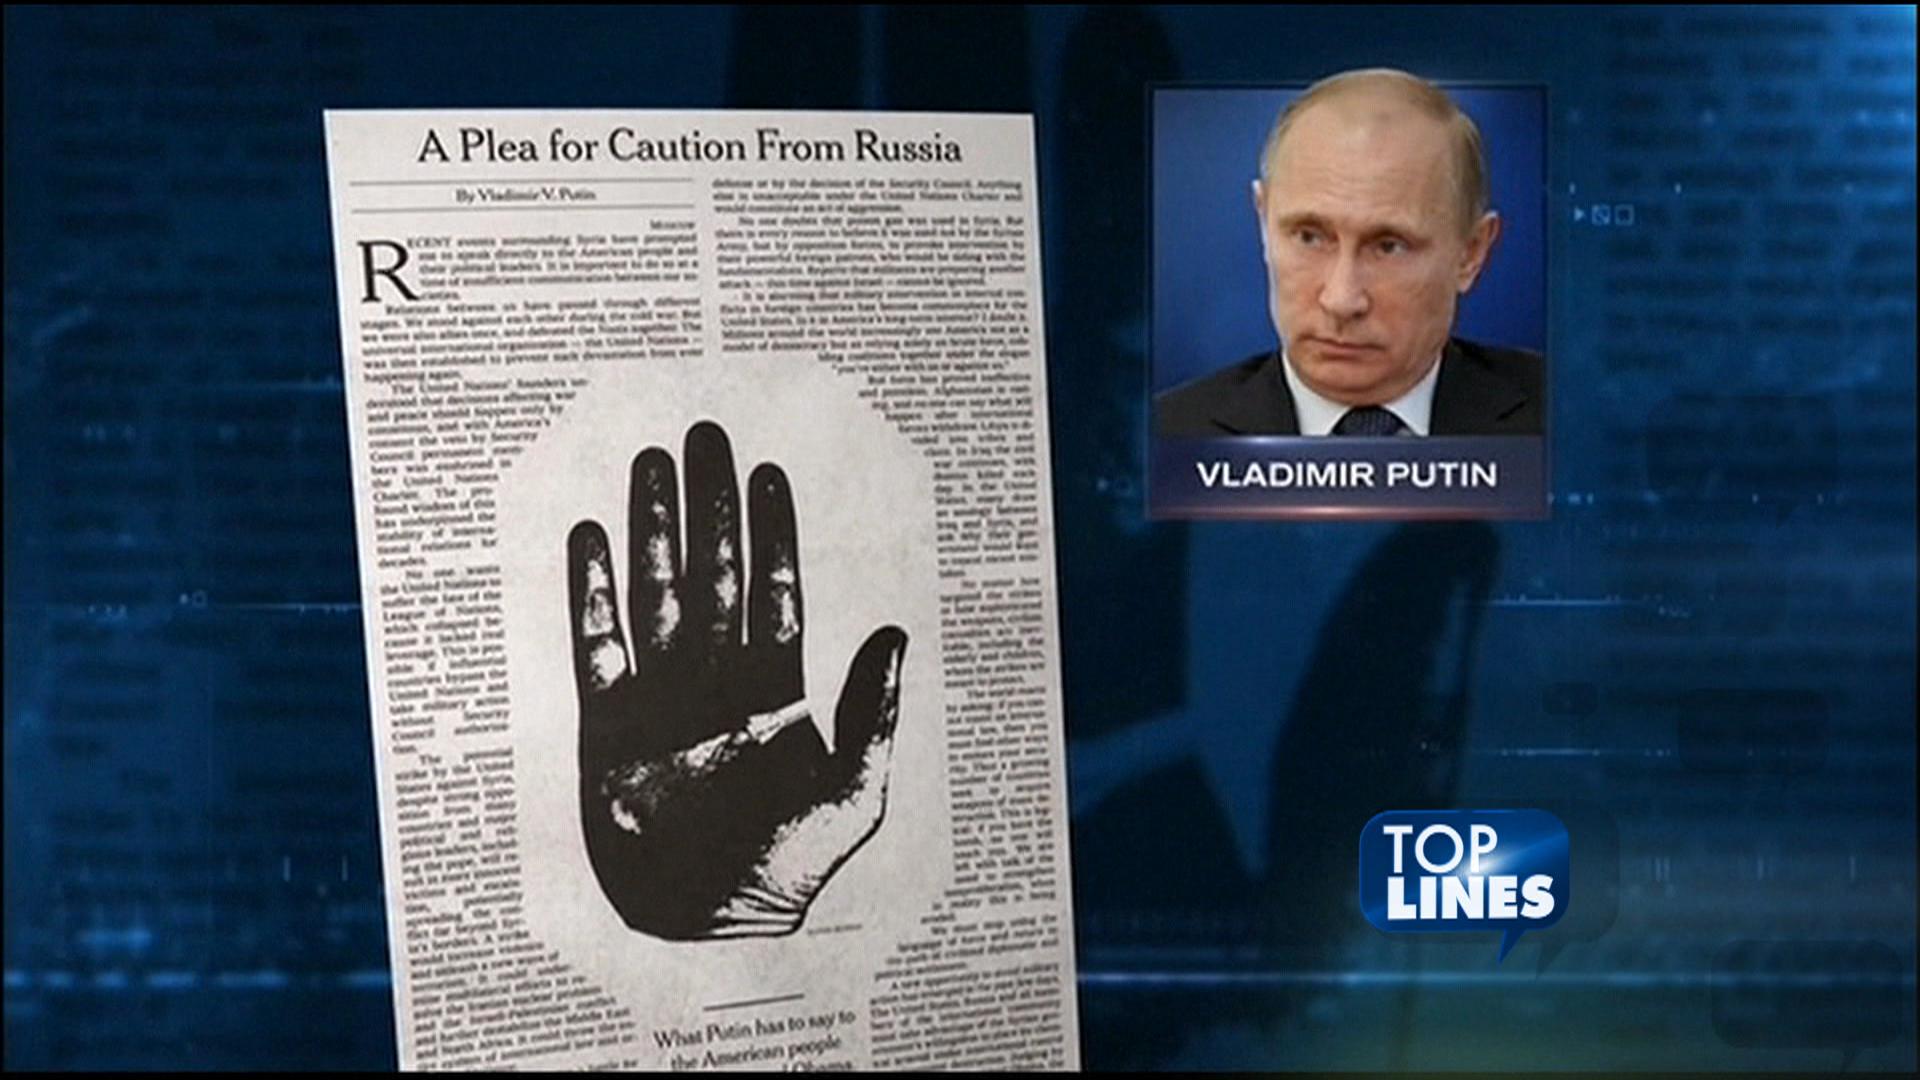 Top Lines: Kerry, Putin, Dr. Strangelove,...